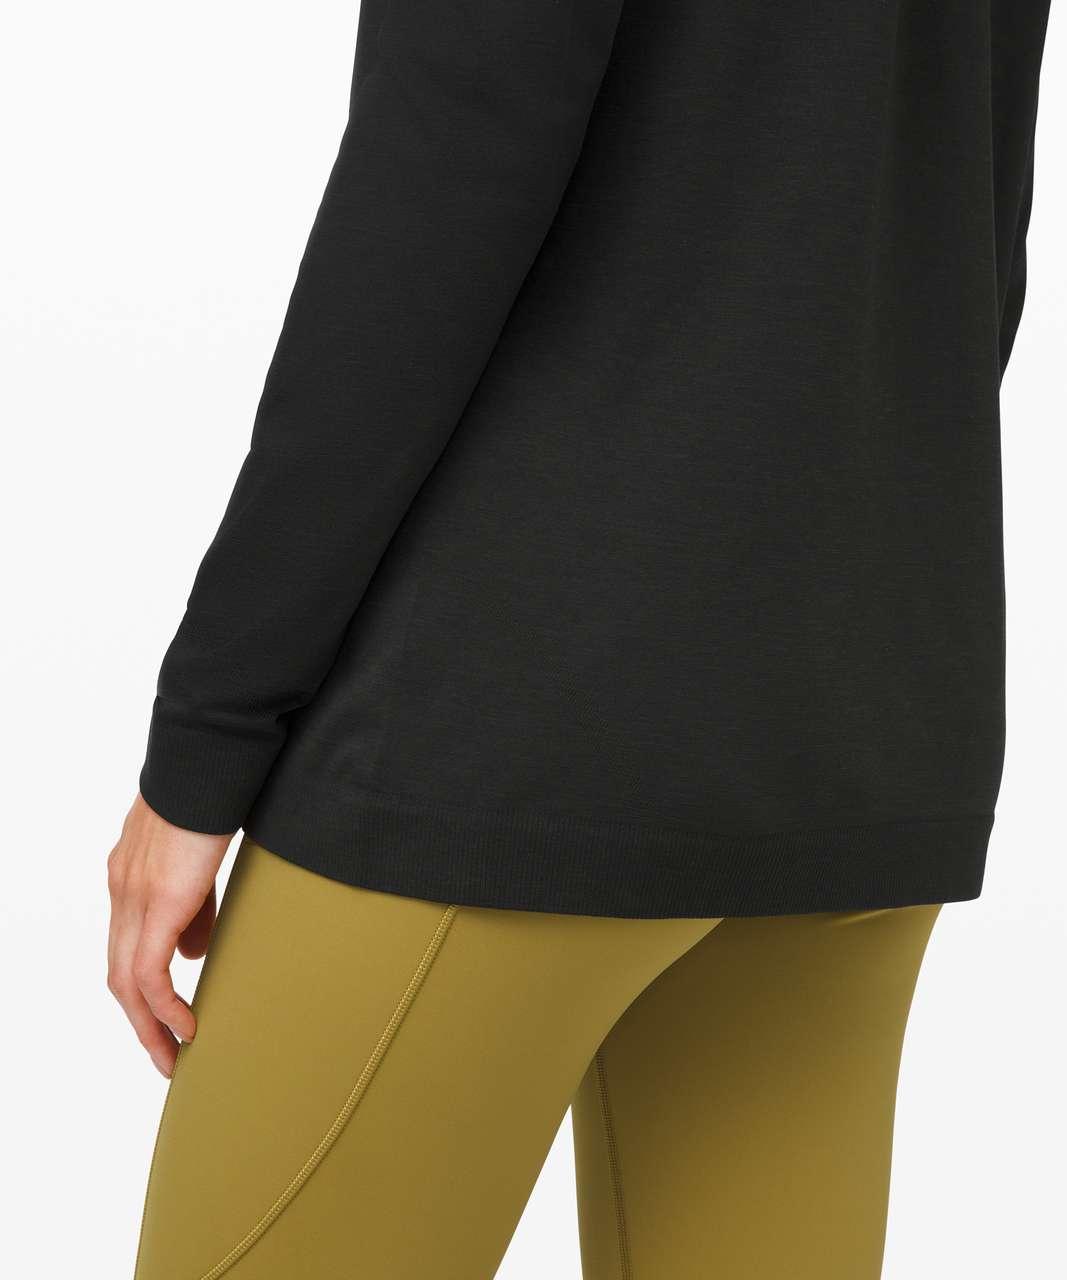 Lululemon Swiftly Relaxed Long Sleeve - Dark Olive / Black